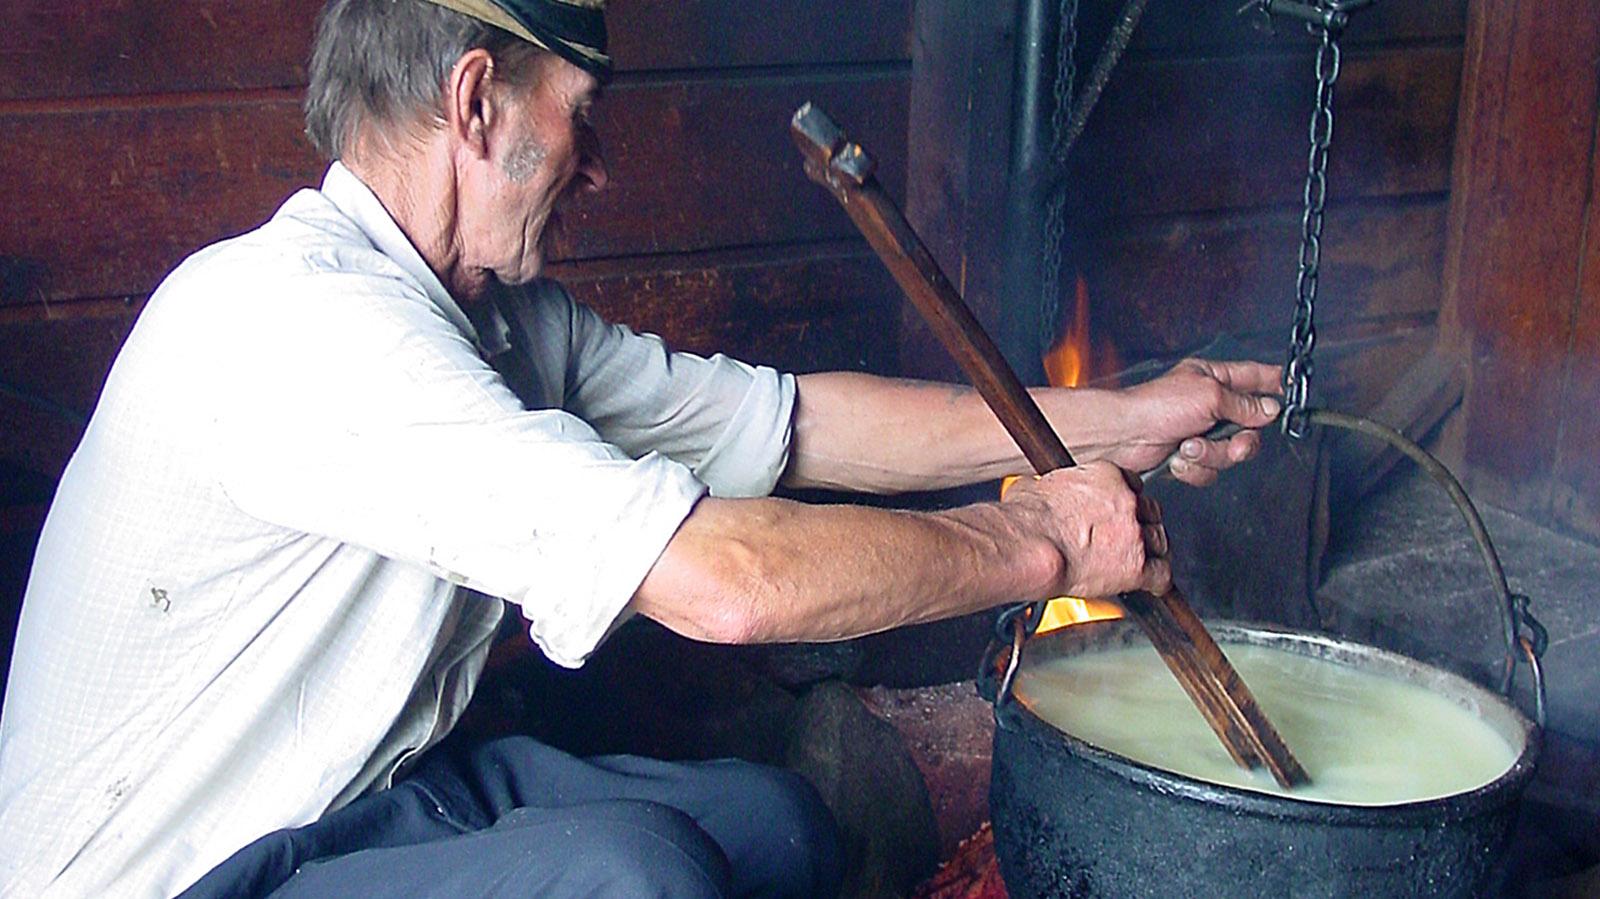 """Jan Urbas bei der Käsefertigung. In der Hand: der geräucherte Hartkäse aus Schafsmilch """"Oscypek"""" - eine regionale Spezialität. Foto: Hilke Maunder"""